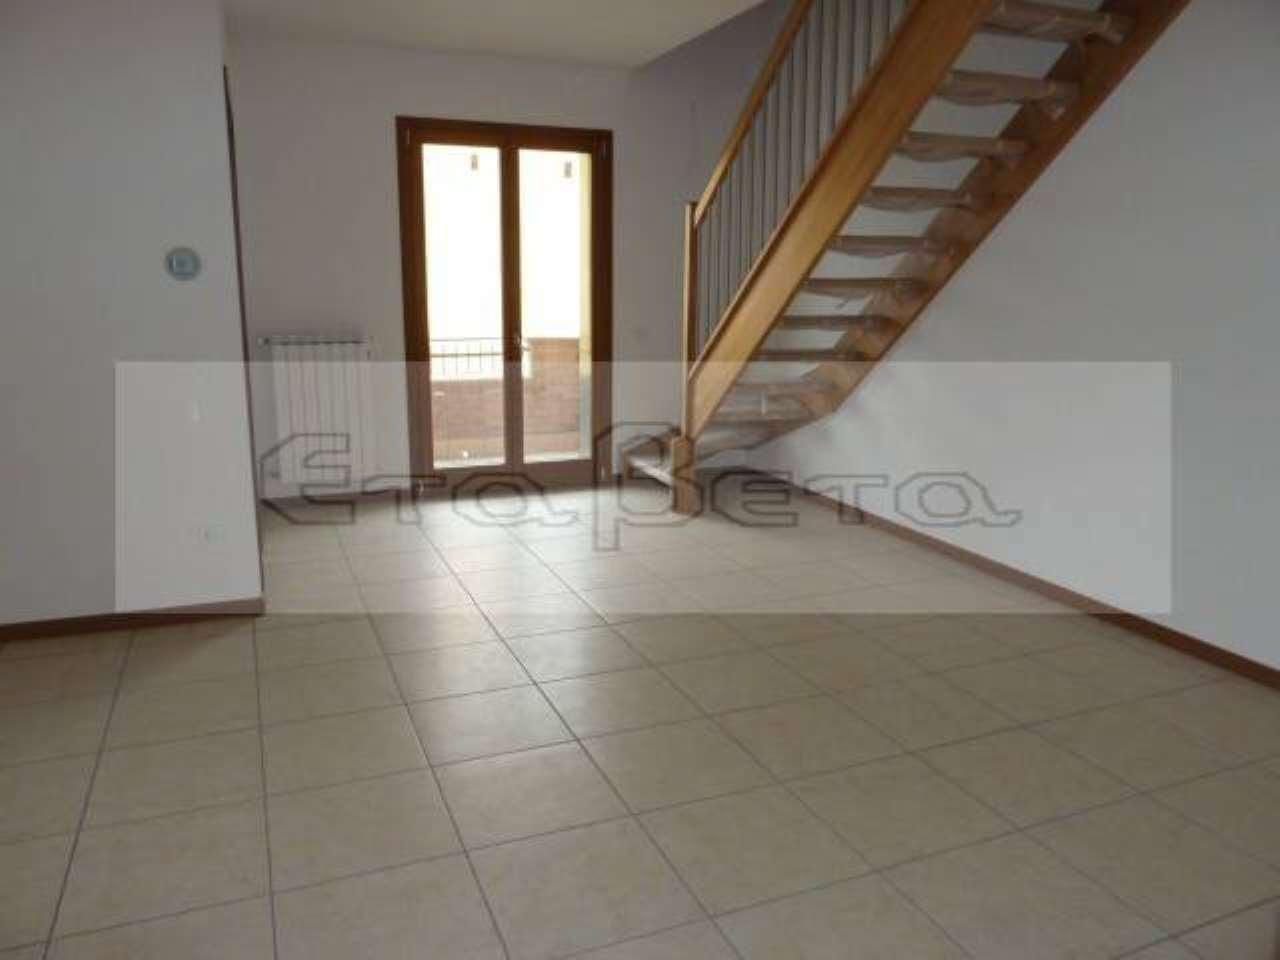 Appartamento in ottime condizioni in vendita Rif. 6817549